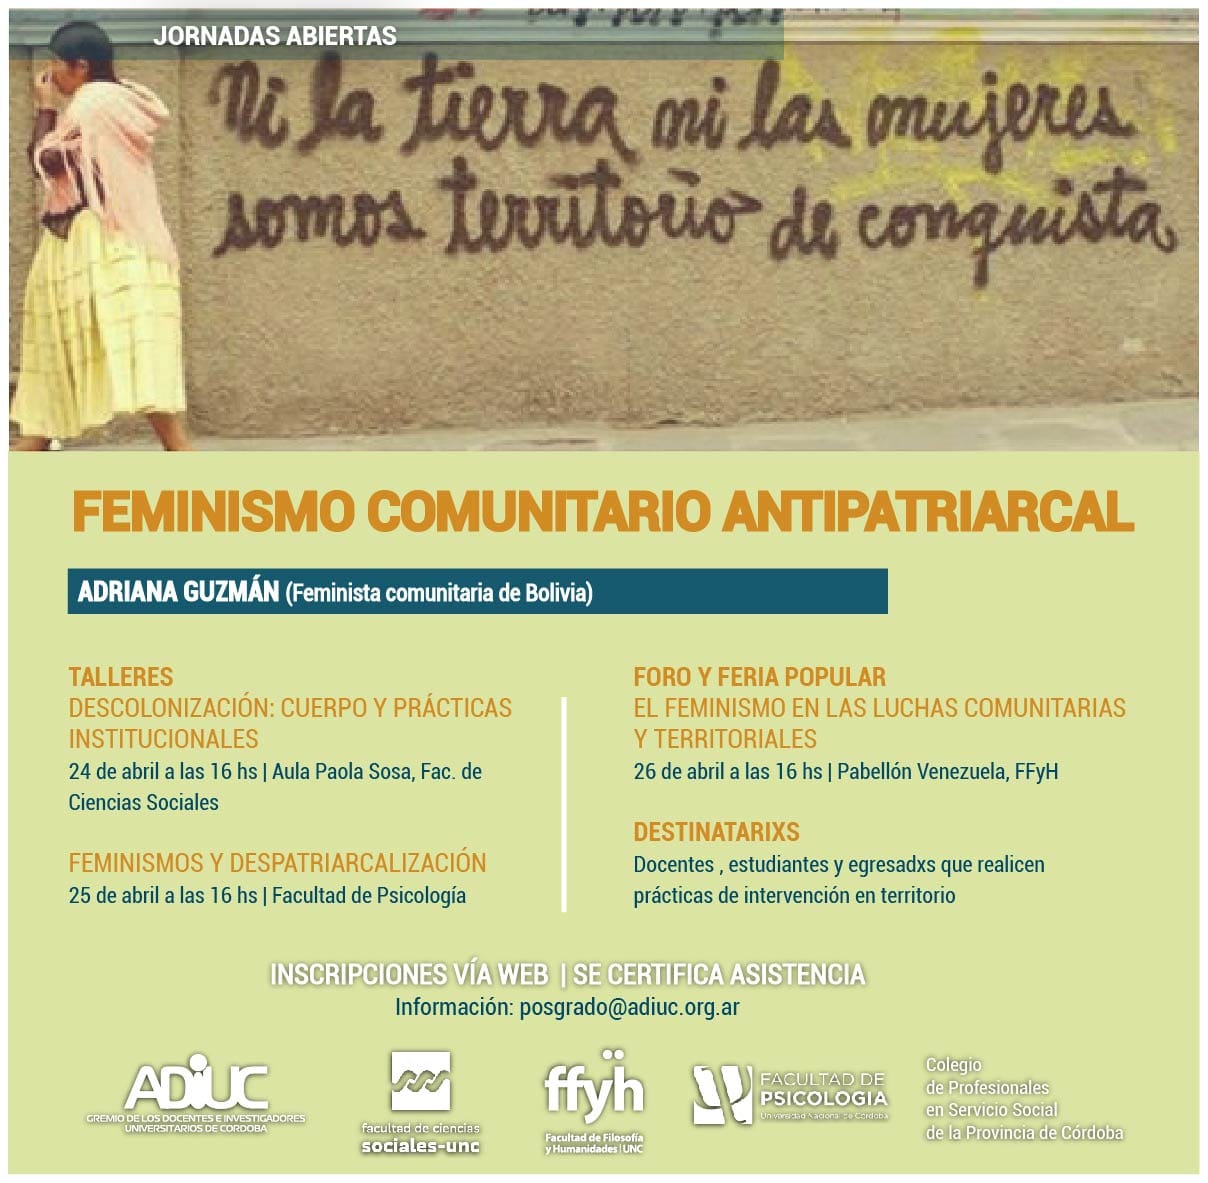 Jornadas de Feminismo Comunitario Antipatriarcal | Con Adriana Guzmán